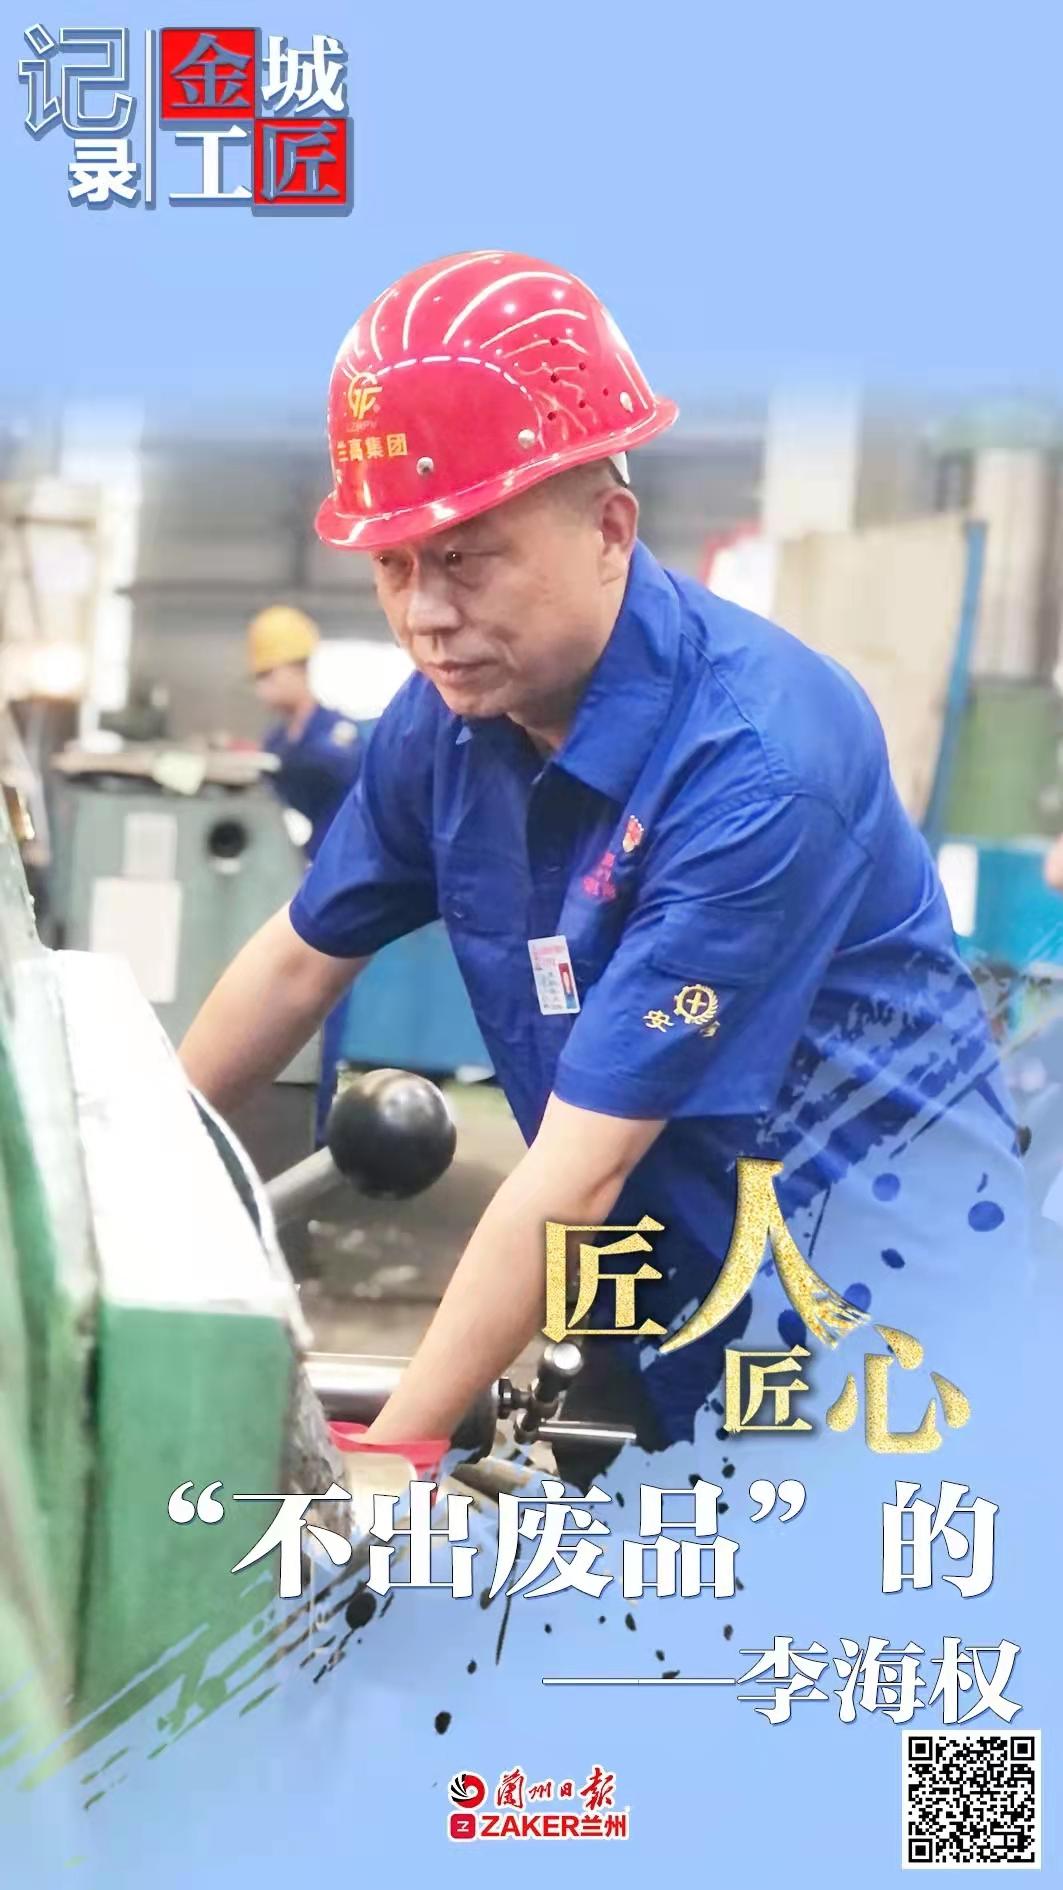 """《匠人匠心 · 金城工匠》(五)丨""""不出废活""""的车工李海权:用心打造每一件产品"""